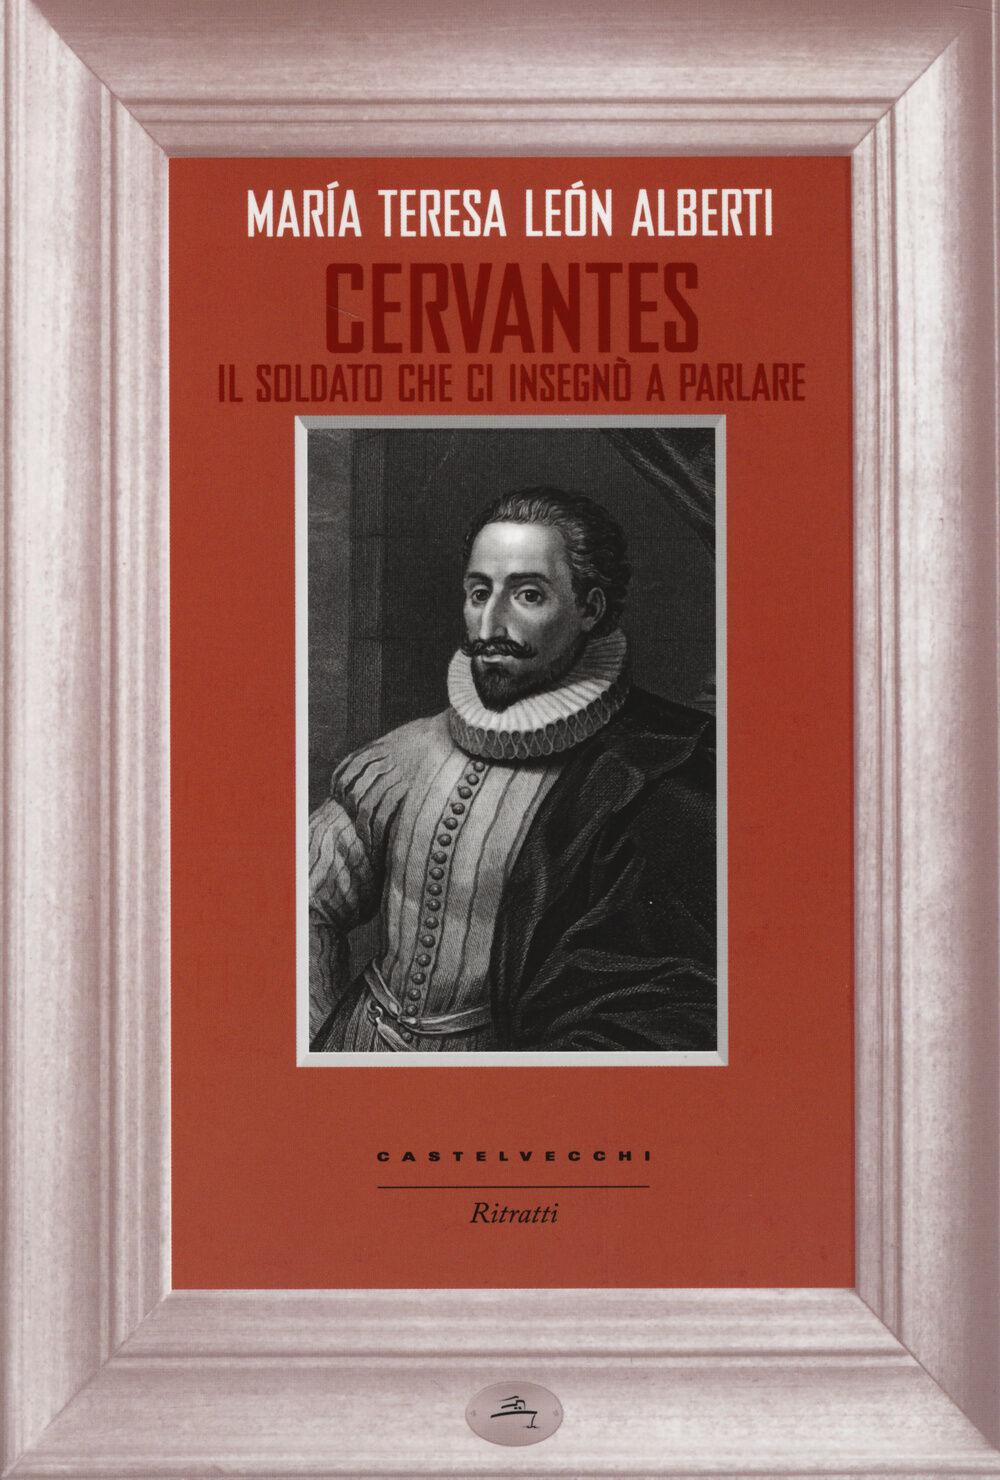 Cervantes. Il soldato che ci insegnò a parlare